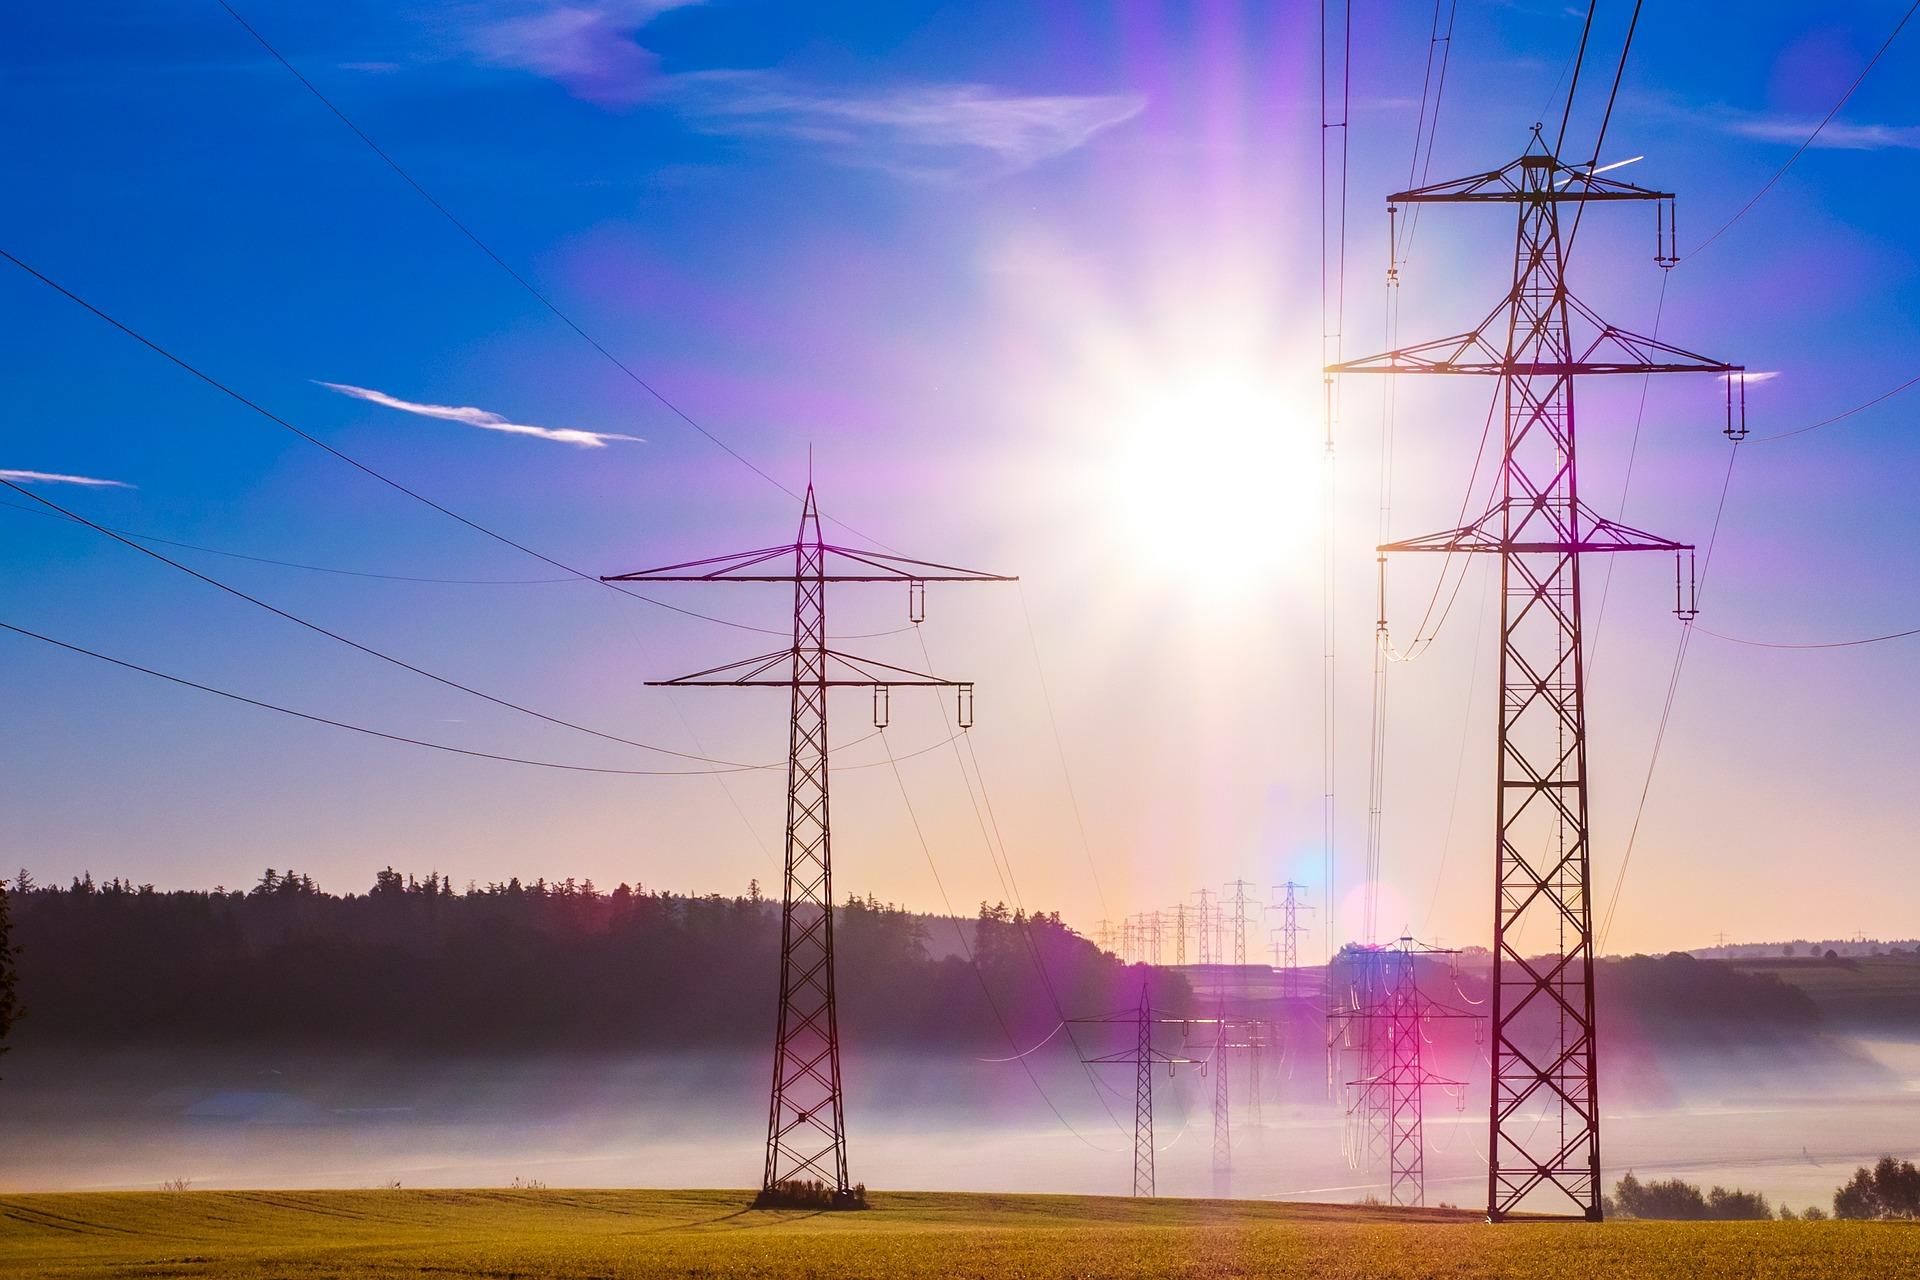 Как добиться надёжной связи между базовыми станциями 5G без оптоволокна?